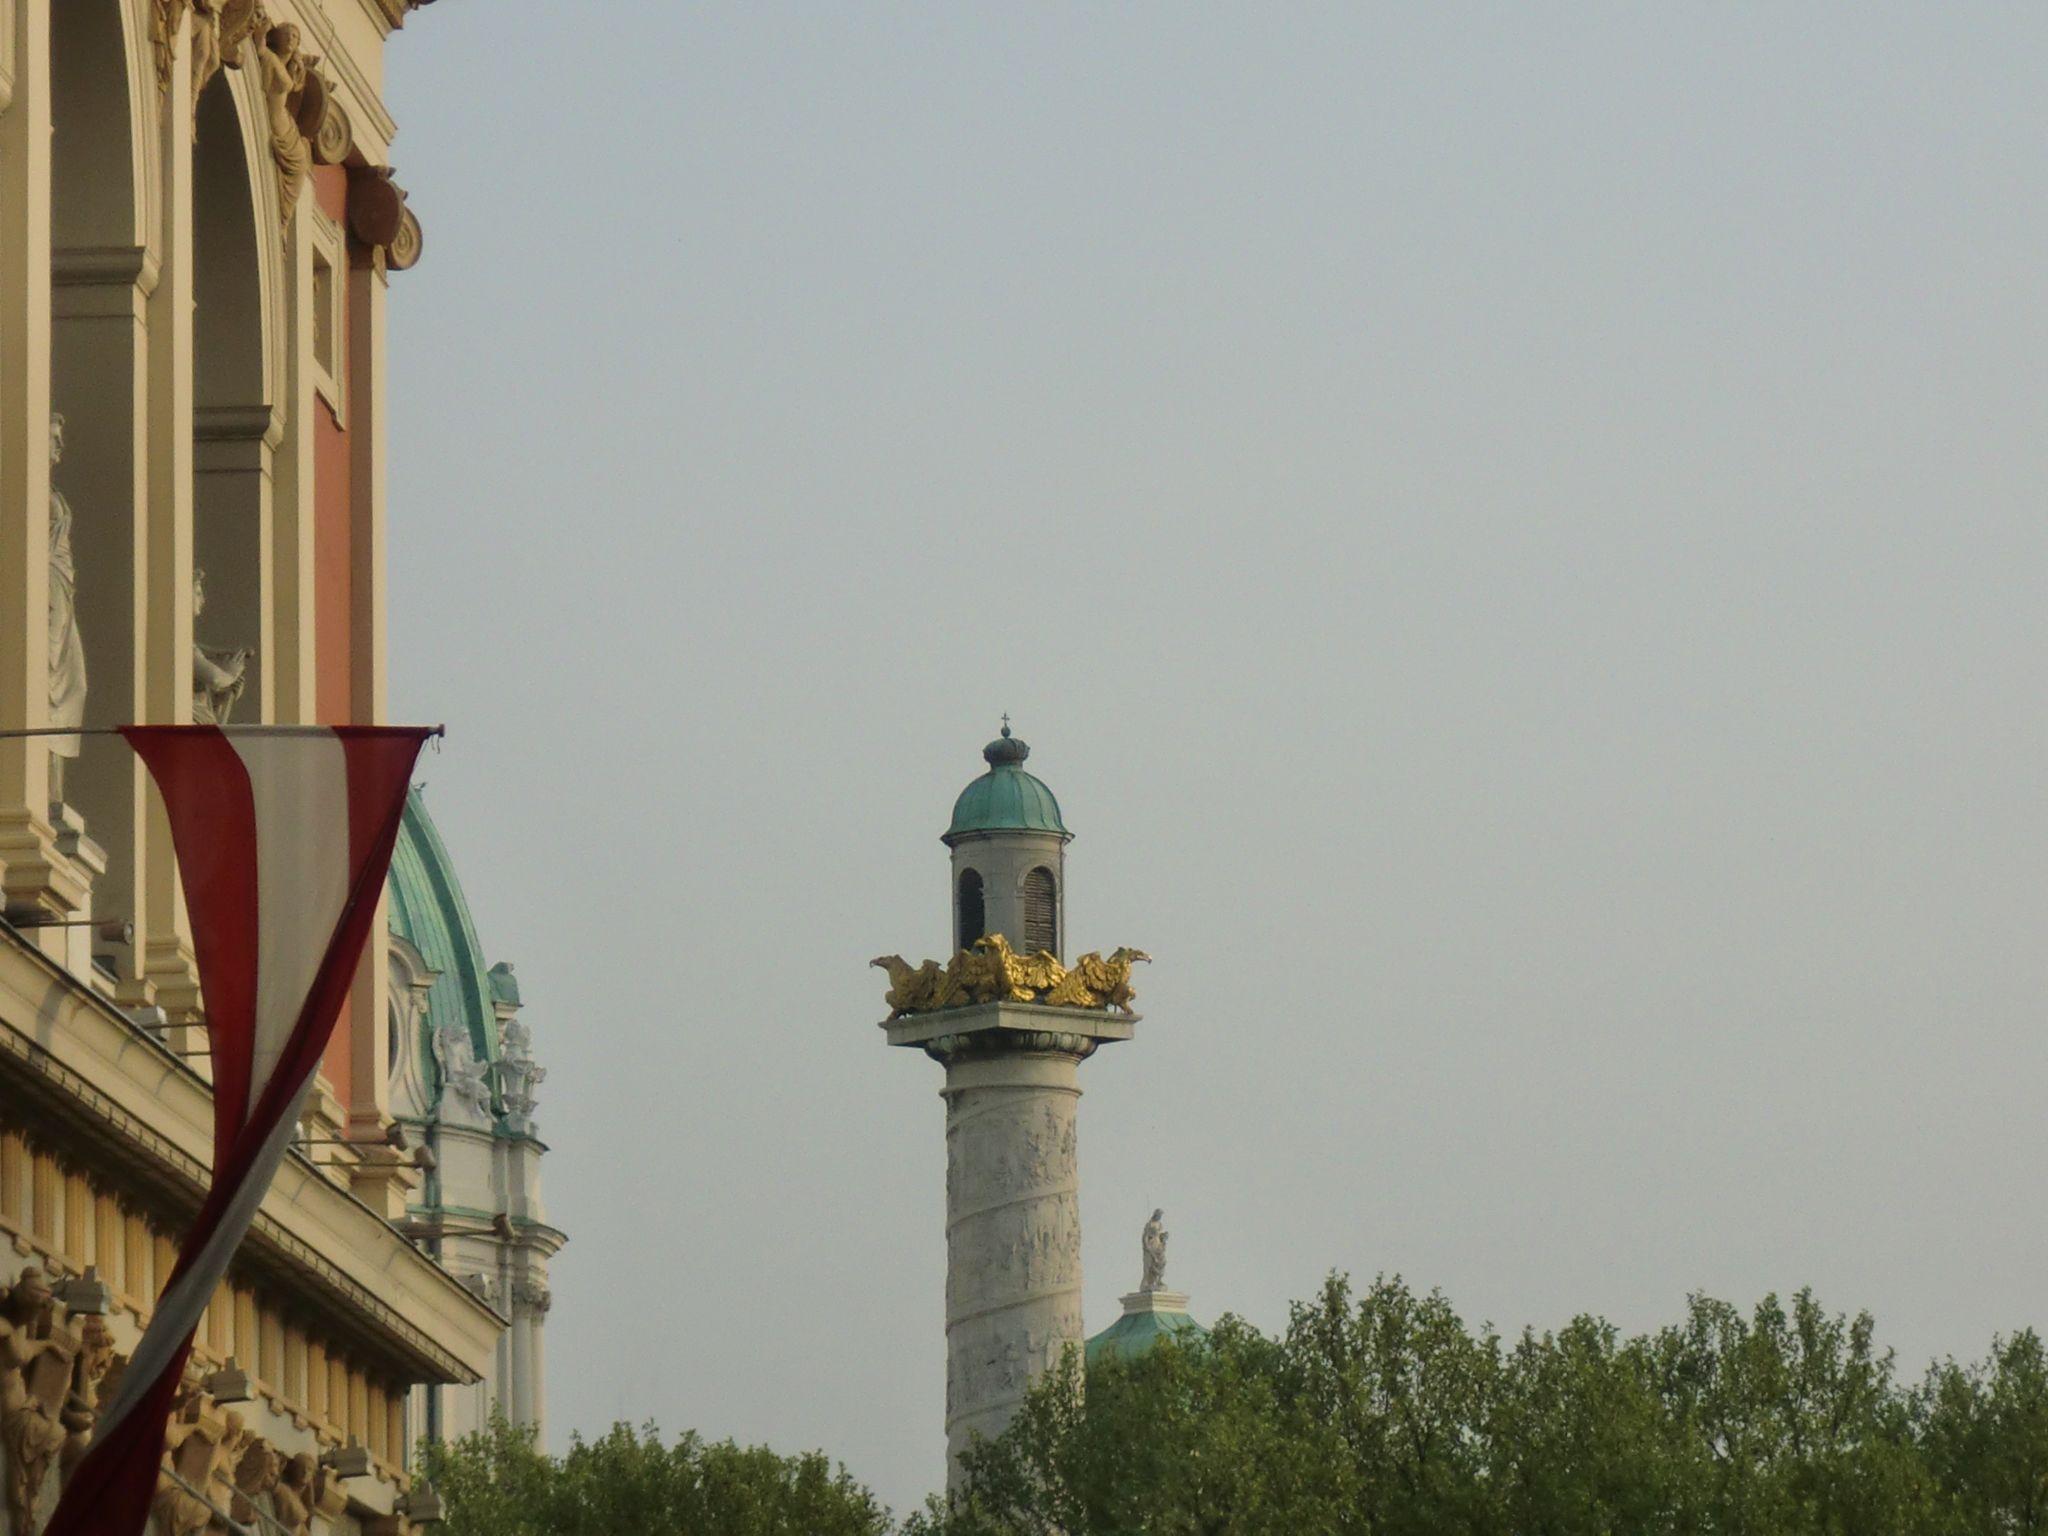 Vienna Opera 5 1440x1080 - Vienna: elegant beauty